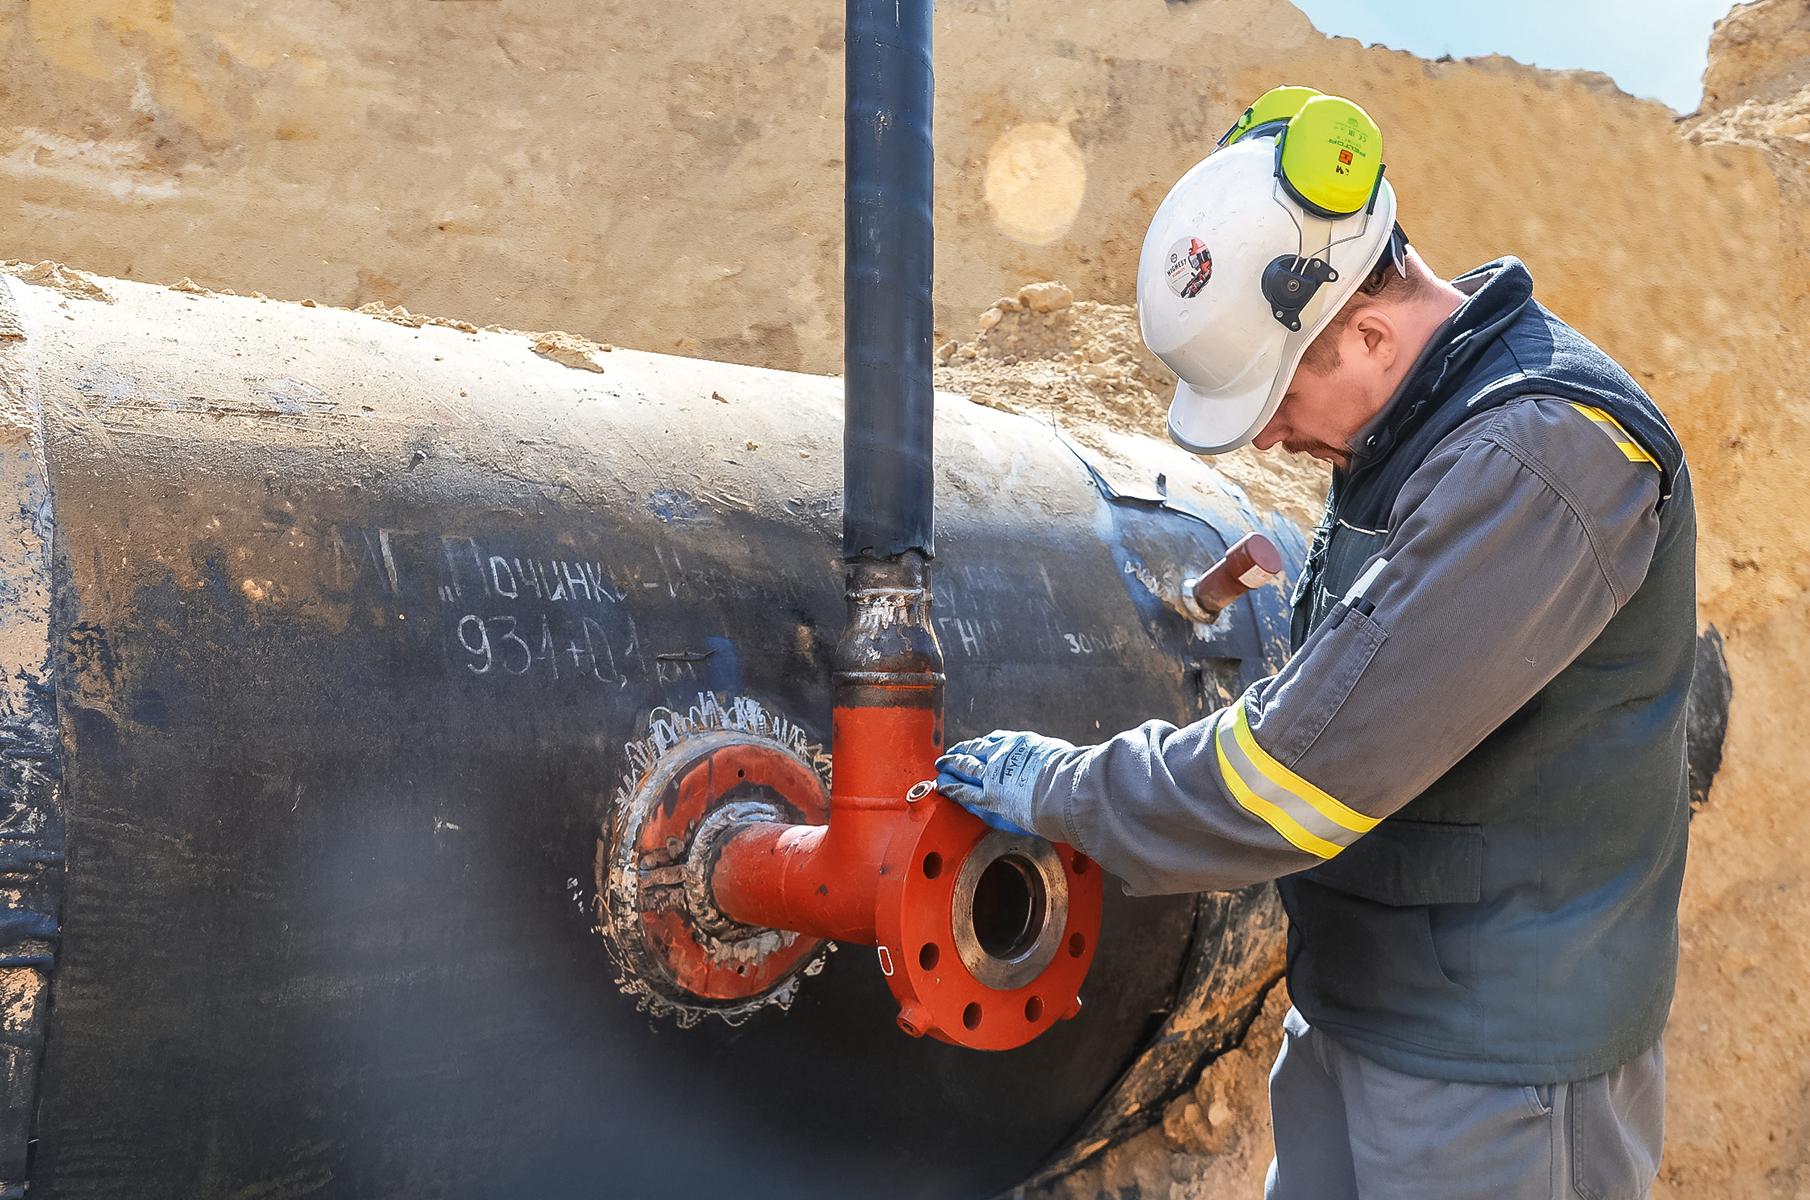 картинки по монтажу газопроводов безволосый, эритематозный